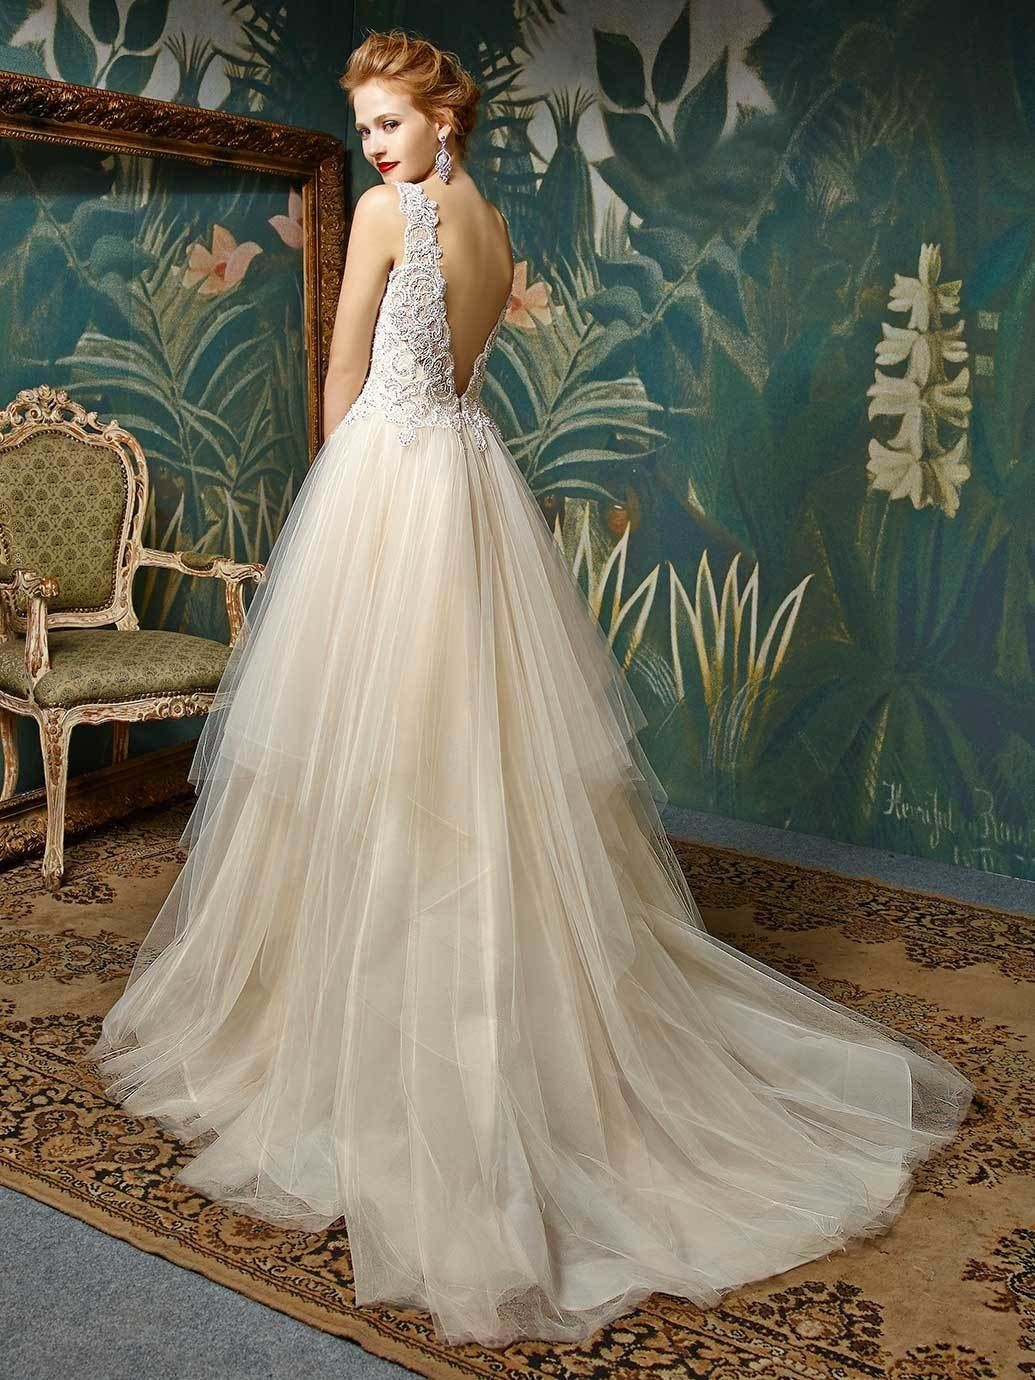 Son Sara Boutique ist Ihr Spezialist für Brautmode und Abendmode